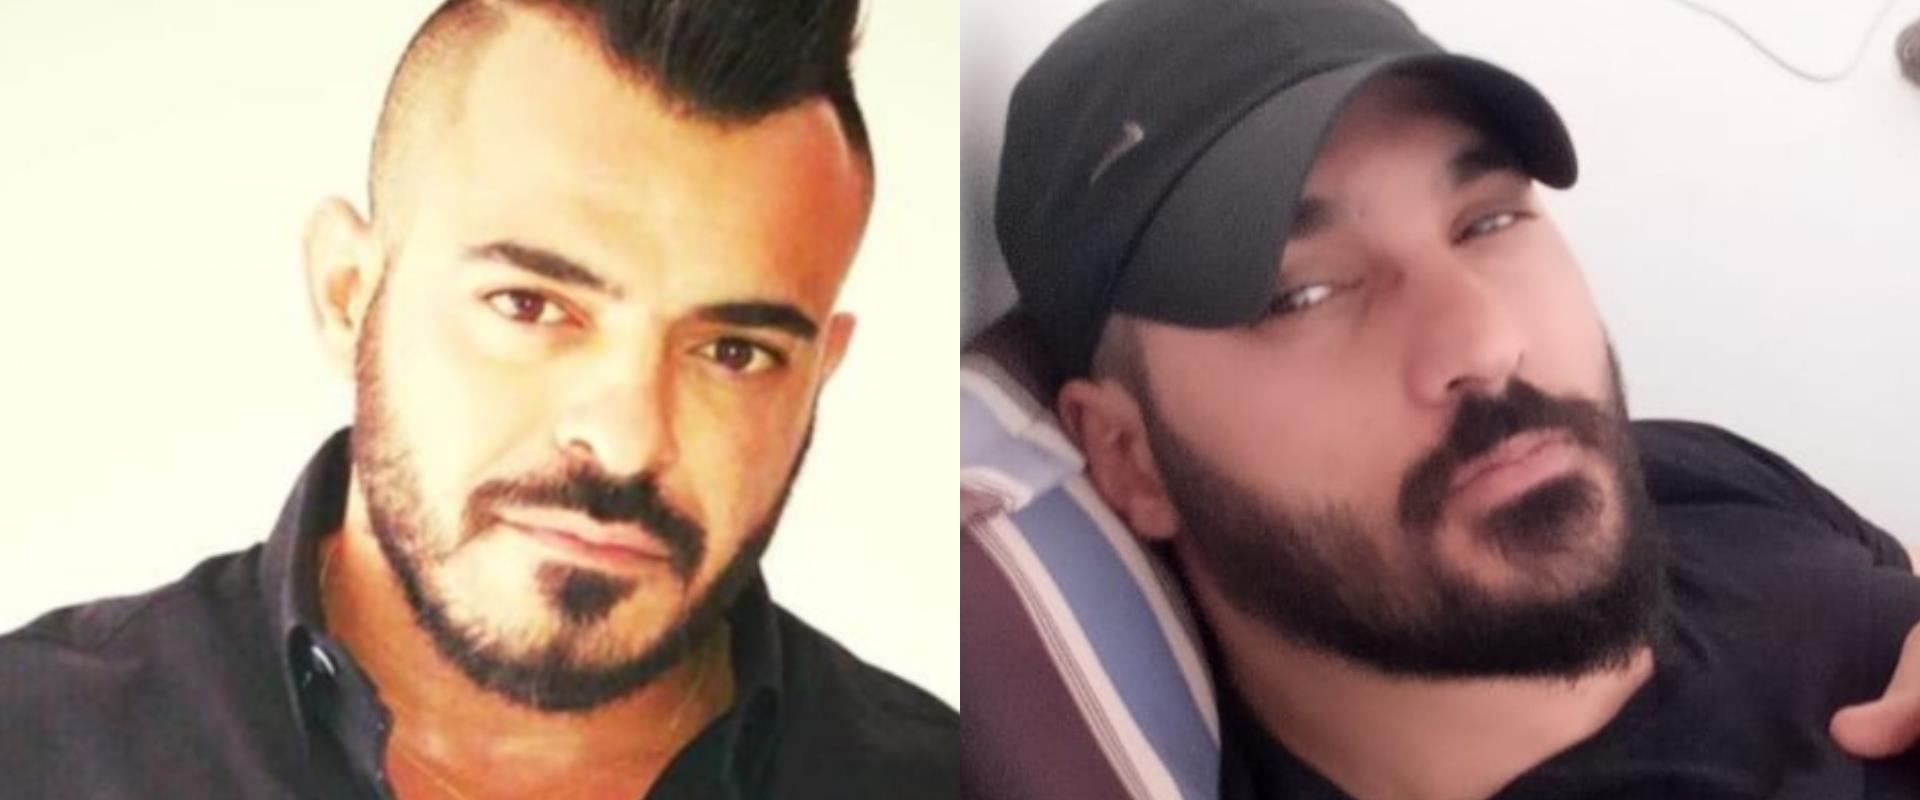 הנרצחים בדלית אל כרמל: עופר אבו סעדה (מימין) וקרלו